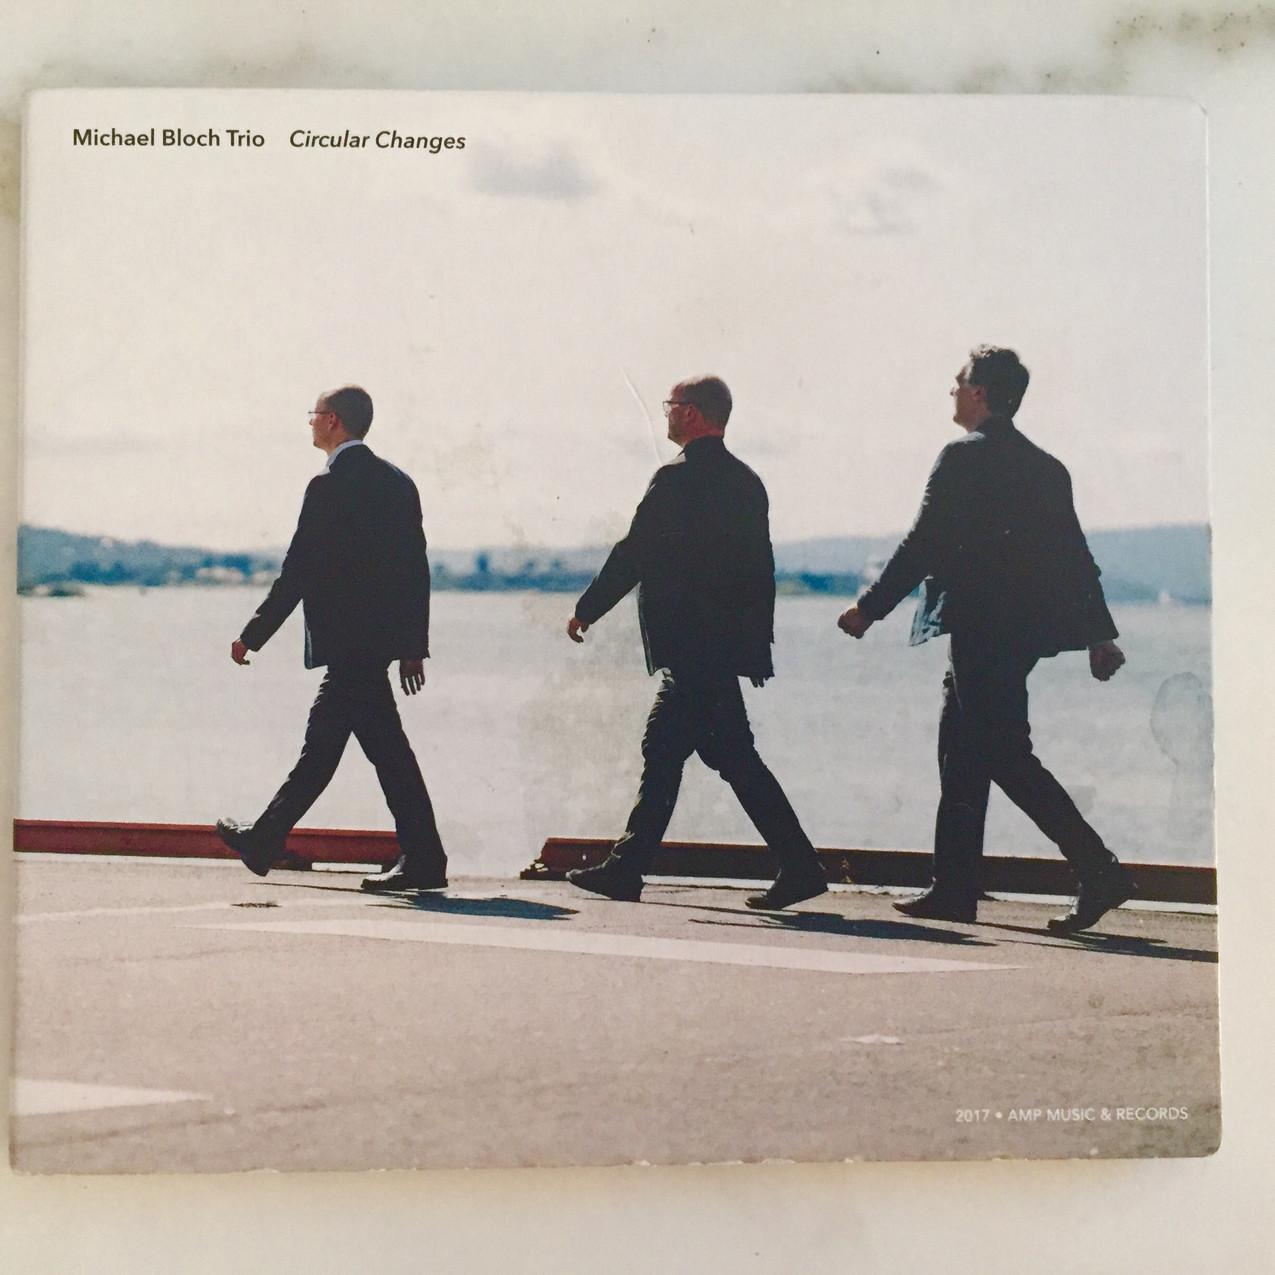 Michael Bloch Trio (CD cover)